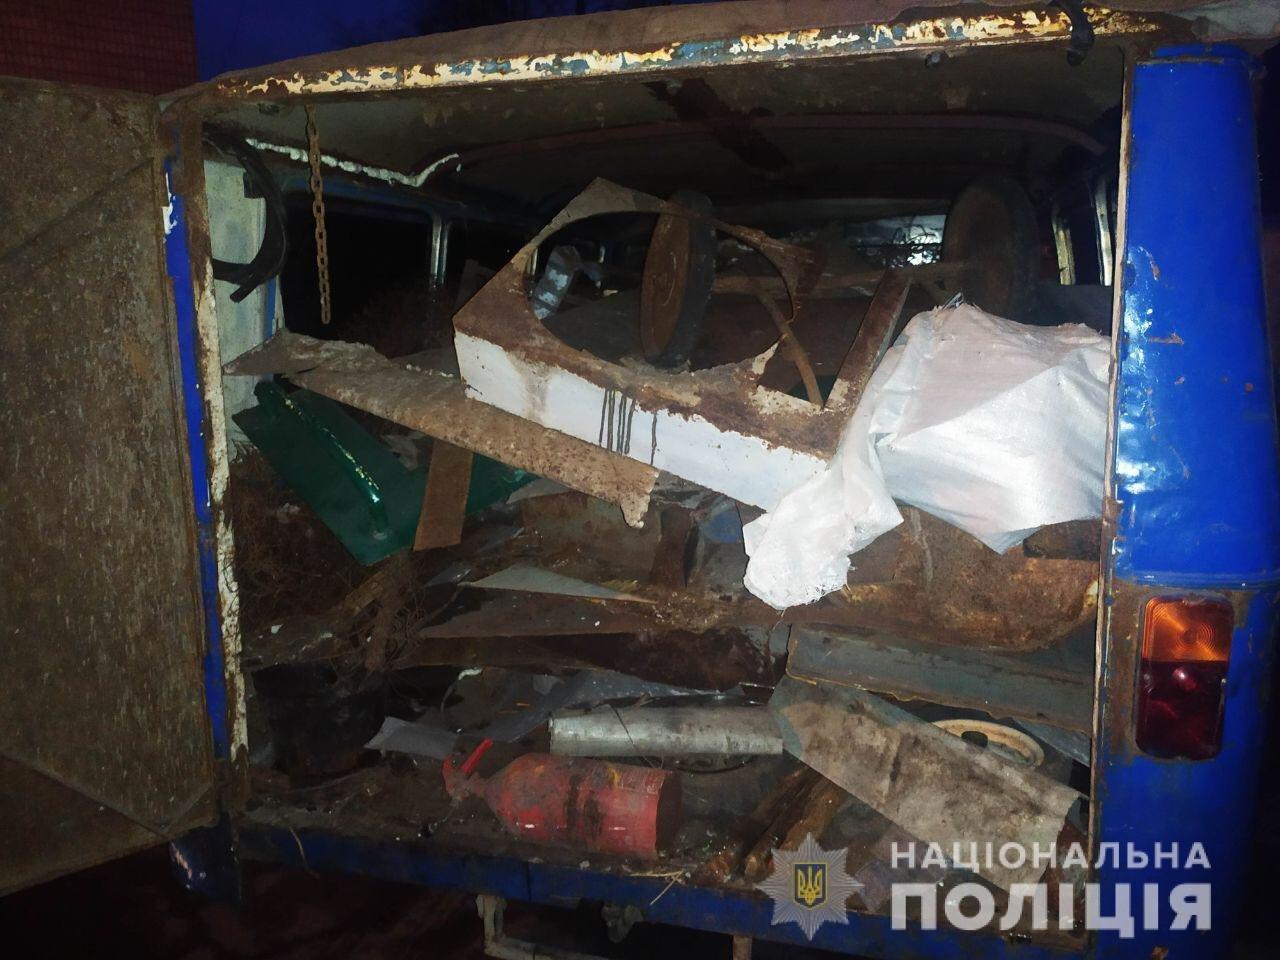 На Днепропетровщине из незаконного пункта приема изъяли более 2 тонн металлолома, - ФОТО, фото-2